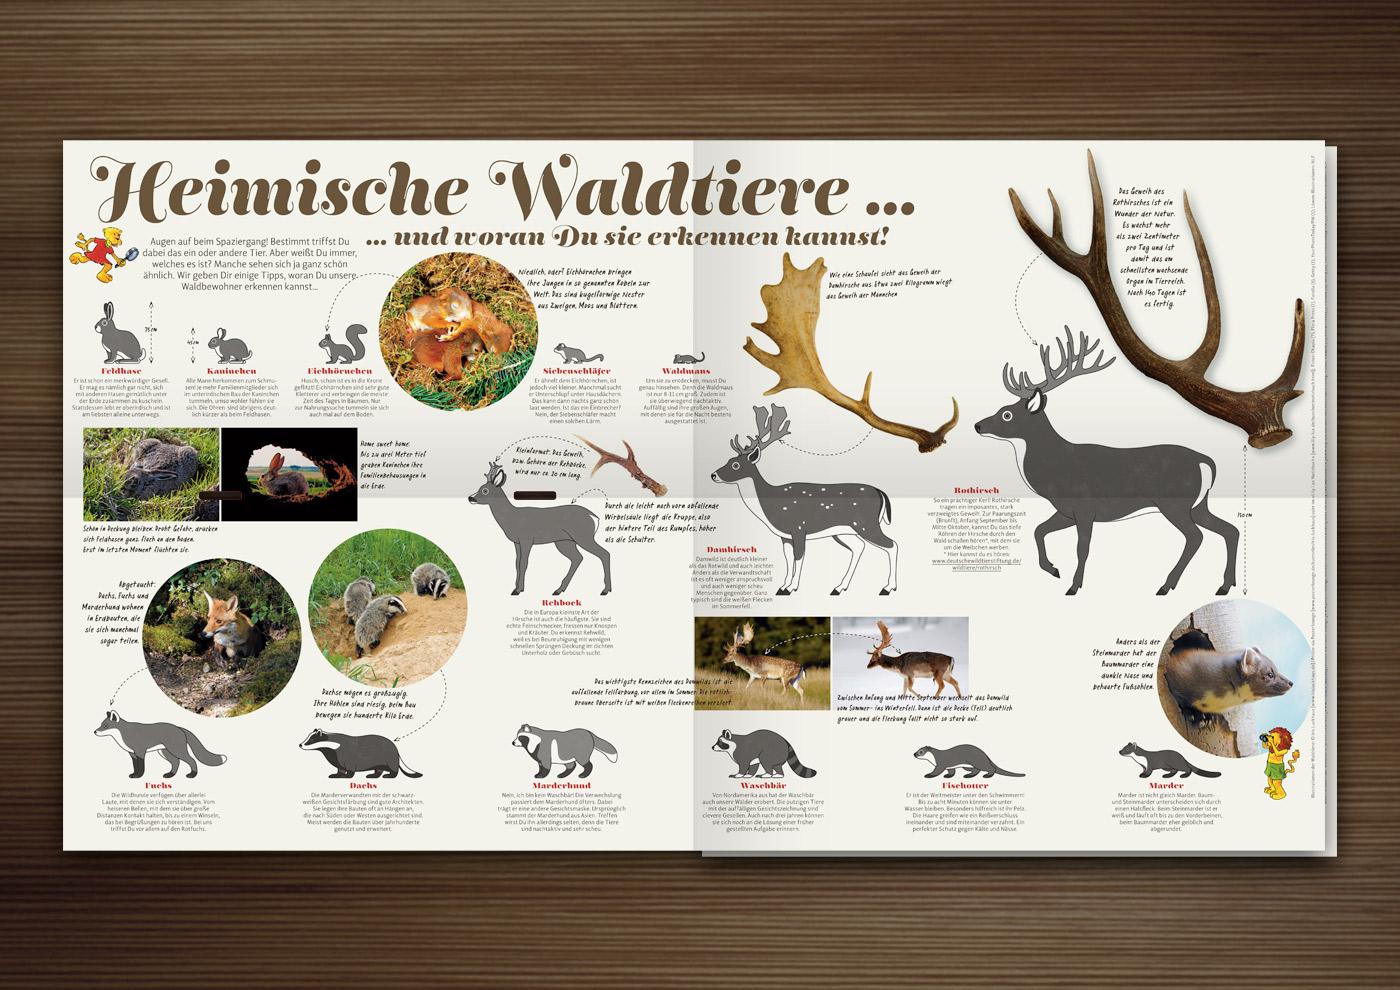 Heimische Waldtiere und wie Du sie erkennst mit Form, Zeichnung und Habitus von red fox, badger, stone marten, fish otter, raccoon, raccoon dog, fallow deer, roe deer, red deer, squirrel, dormouse, wood mouse, rabbit, hare, hedgehog and wild boar im Waldstück-Magazin der Niedersächsischen Landesforste